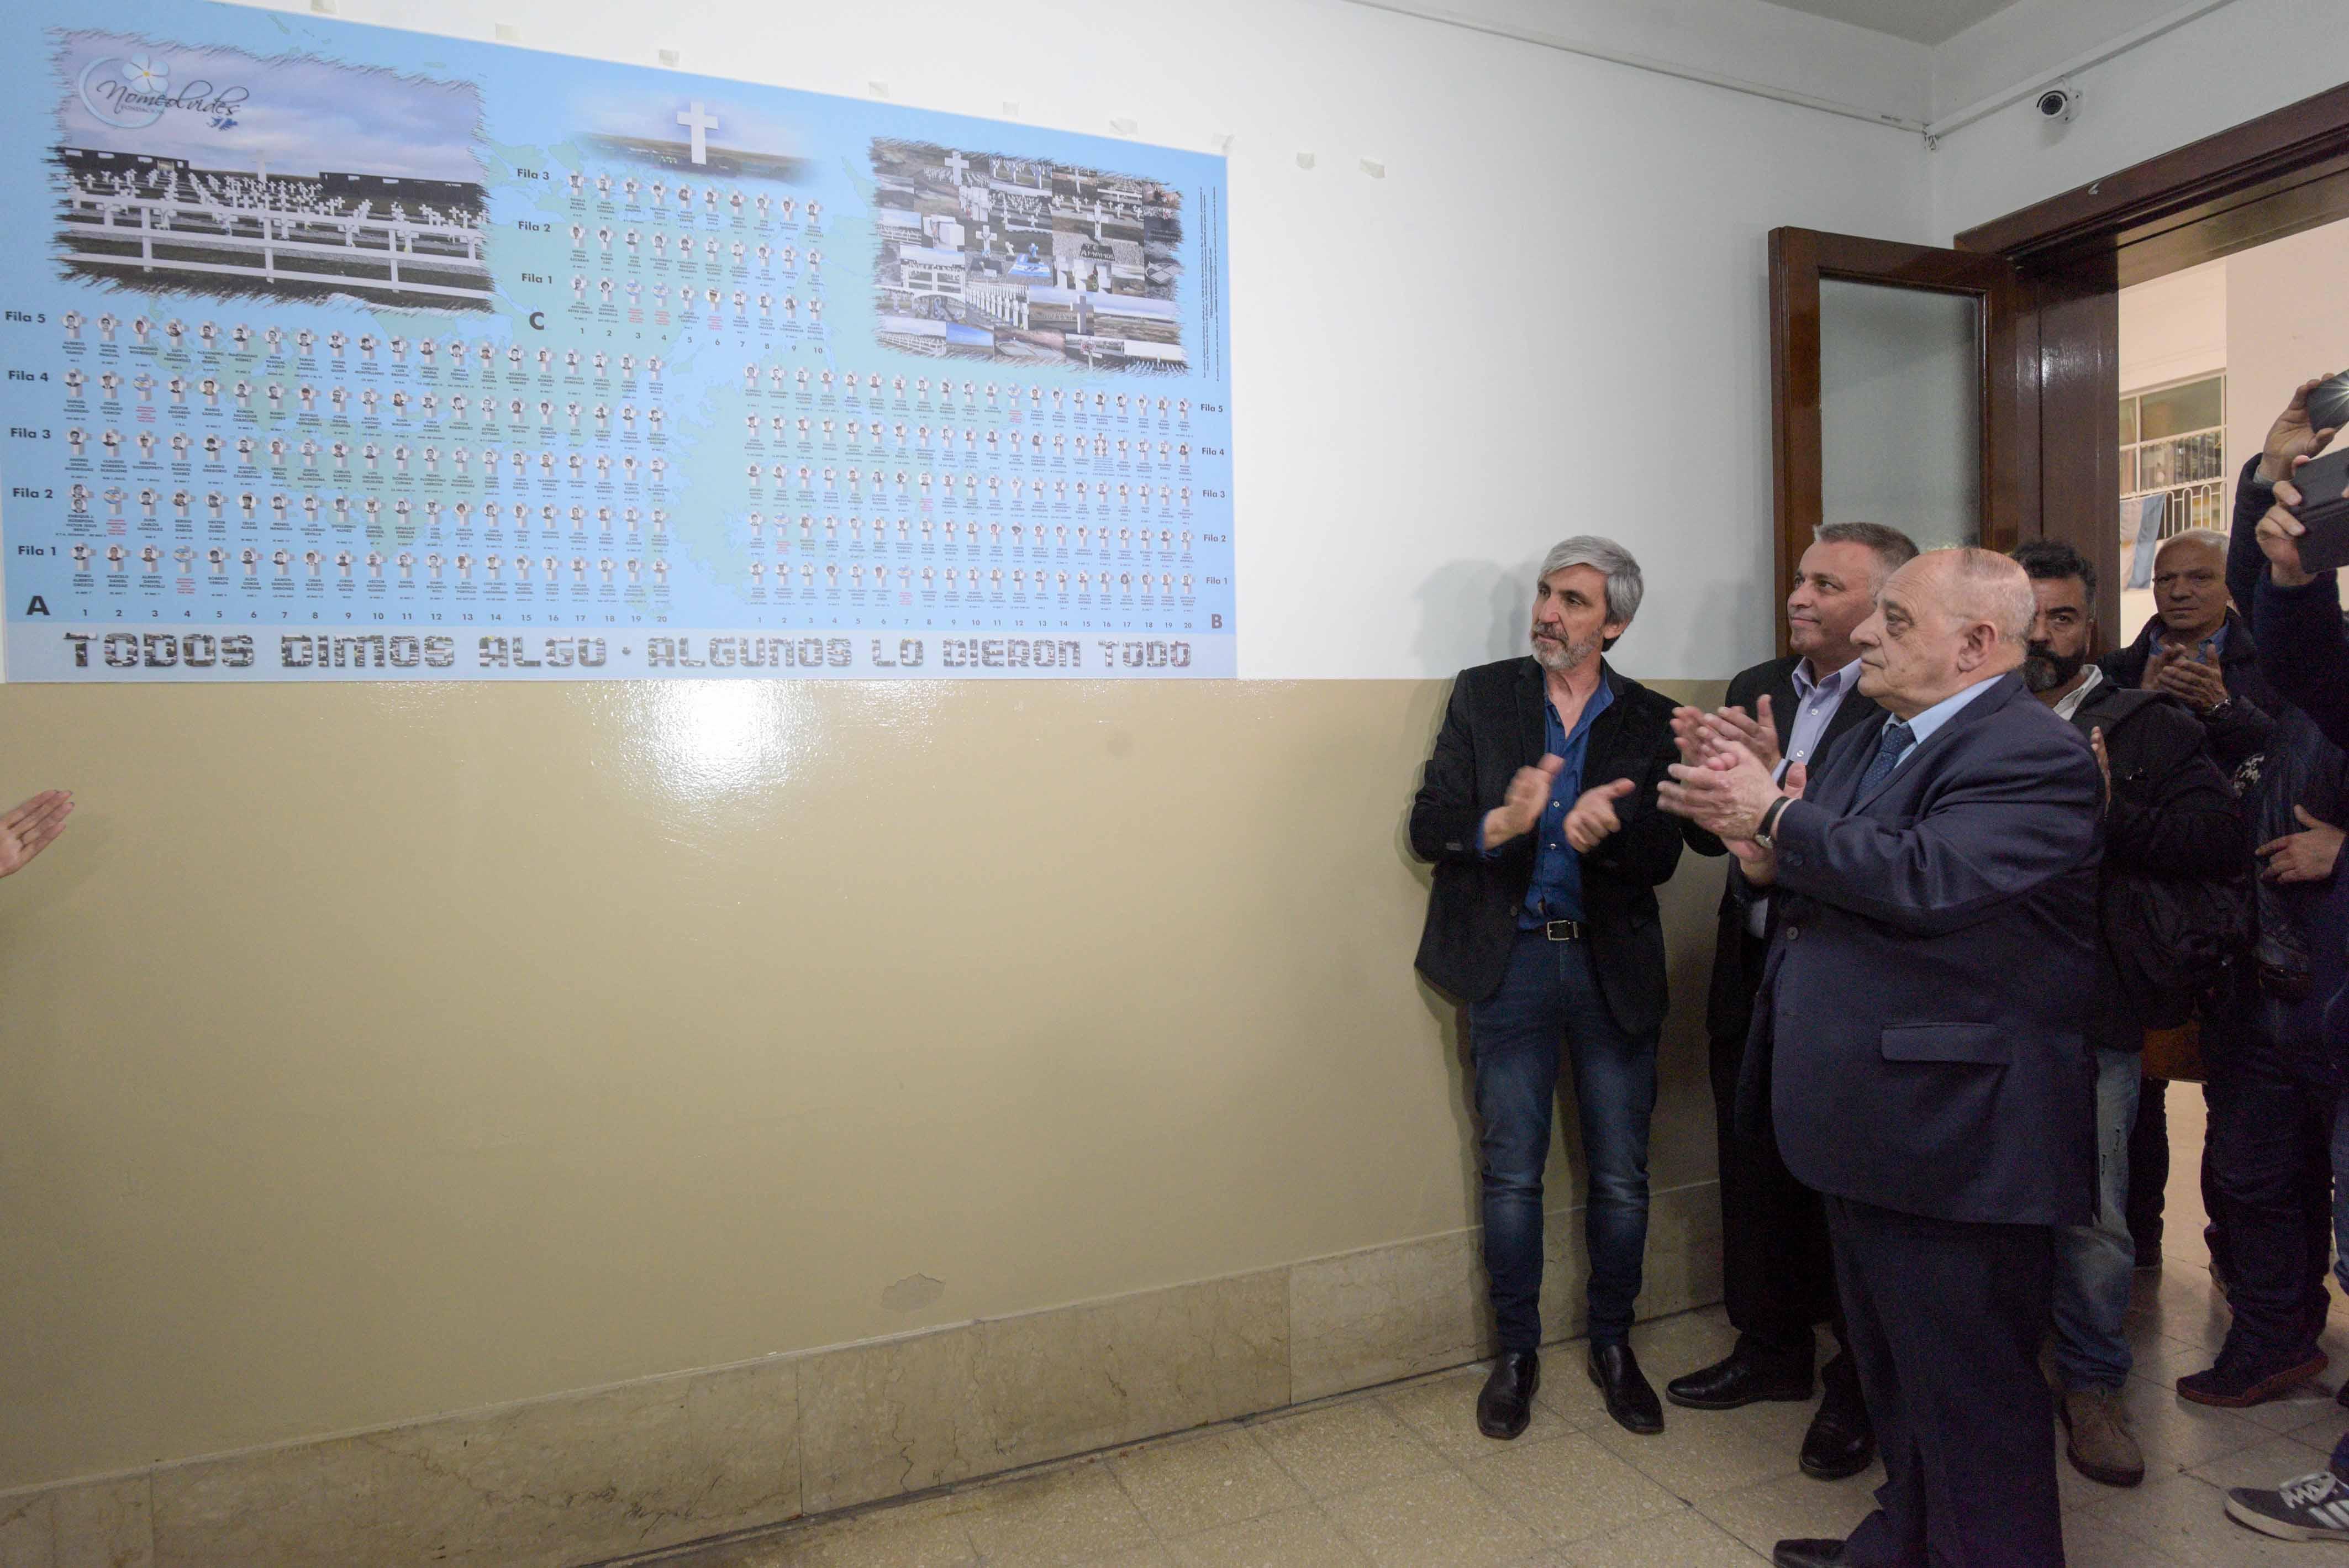 Se inauguró el mural del Mapa del Cementerio Argentino de Darwin en Malvinas